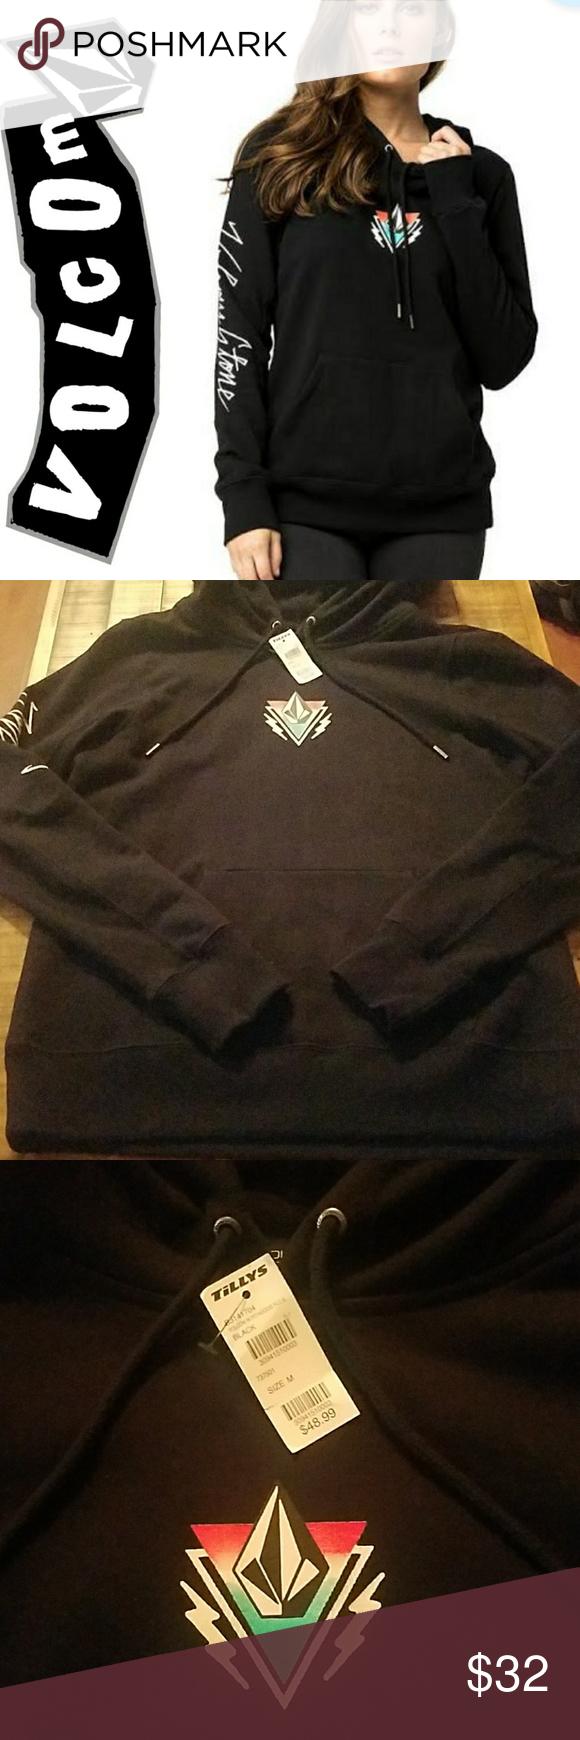 Nwt Volcom Black Hoodie Medium Clothes Design Fashion Black Hoodie